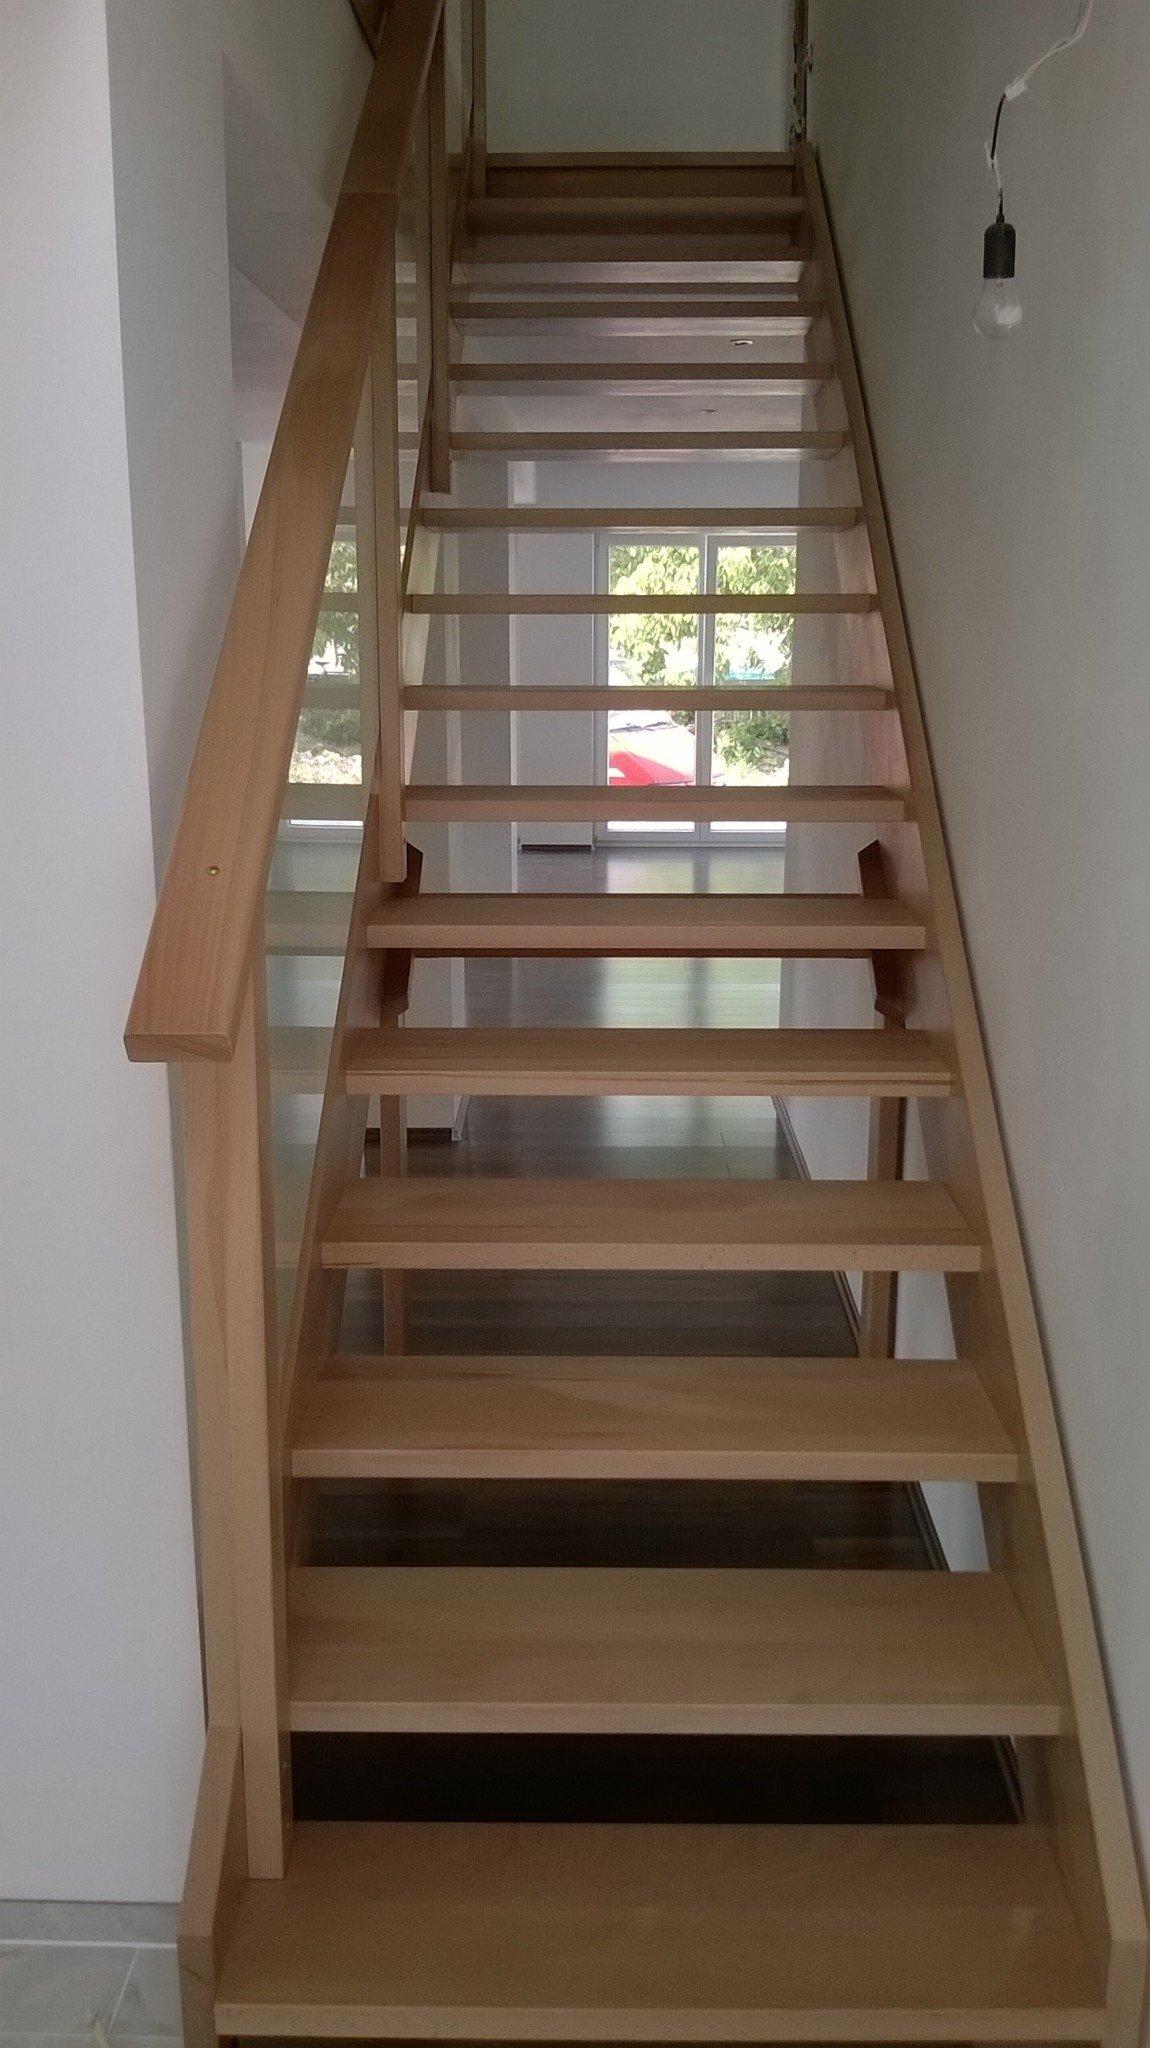 tischler parkett dachdecker in ungarn ungarischedienstleistungen. Black Bedroom Furniture Sets. Home Design Ideas